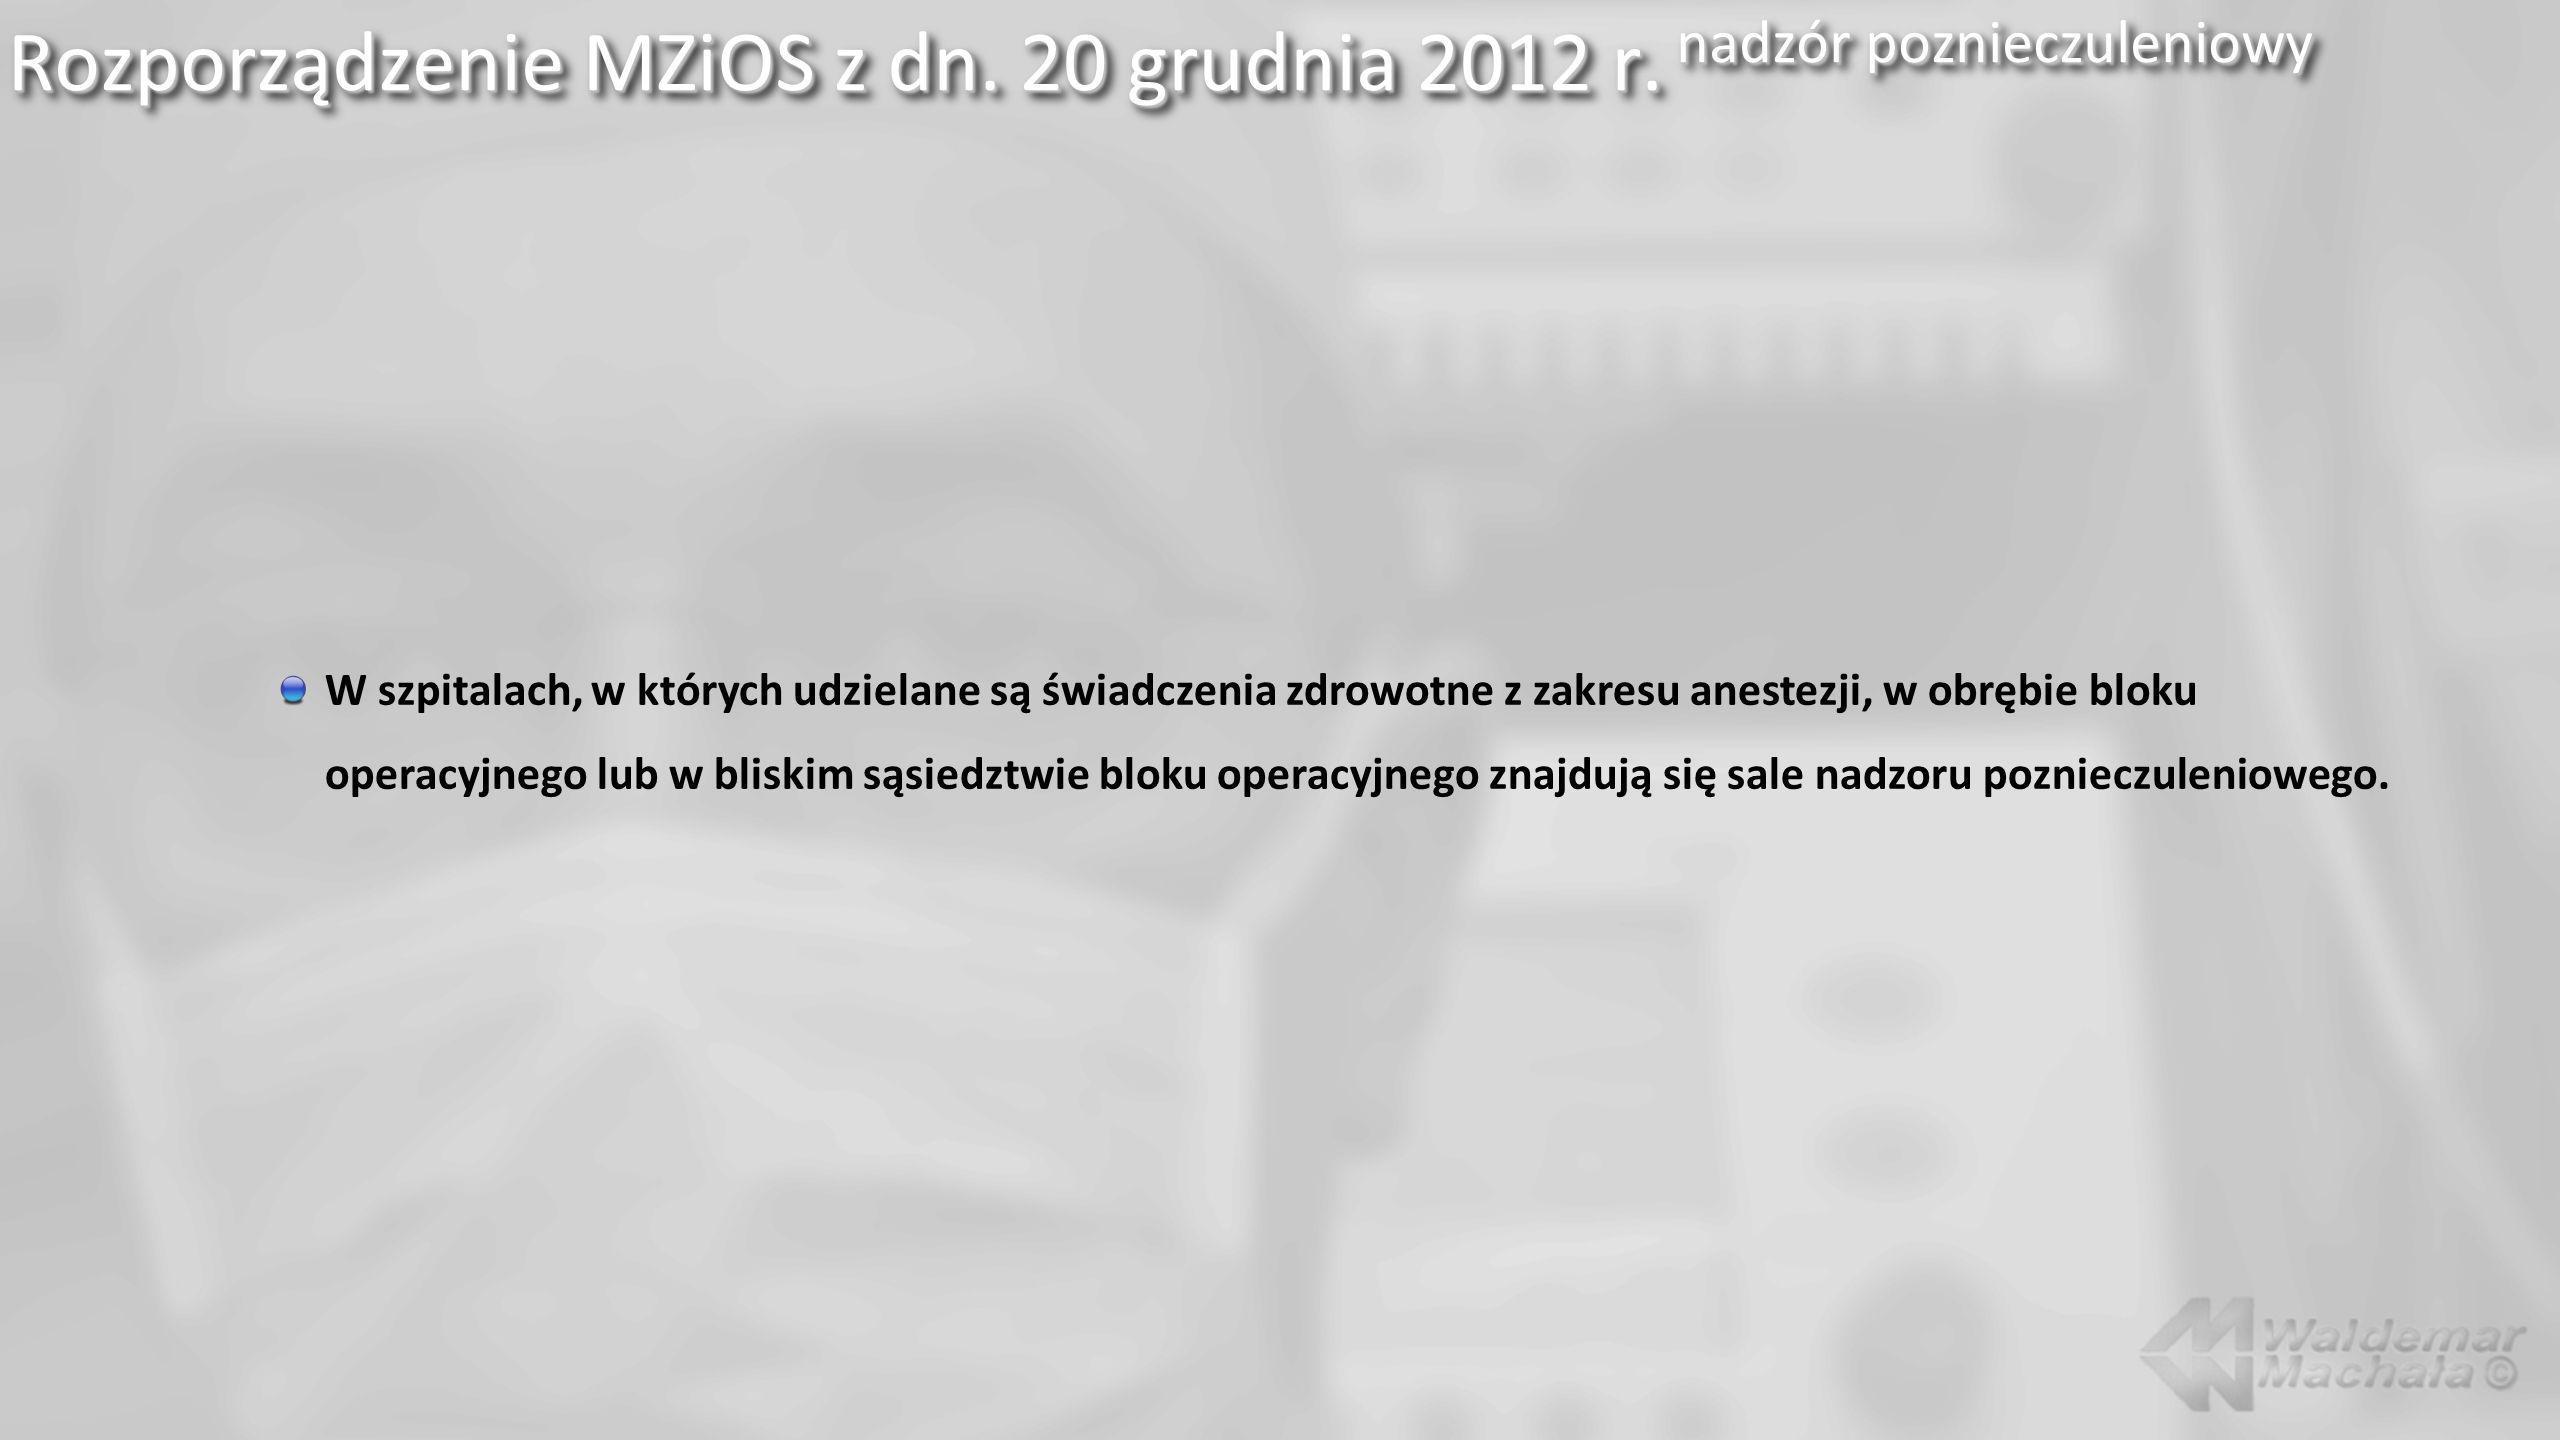 Rozporządzenie MZiOS z dn. 20 grudnia 2012 r. nadzór poznieczuleniowy